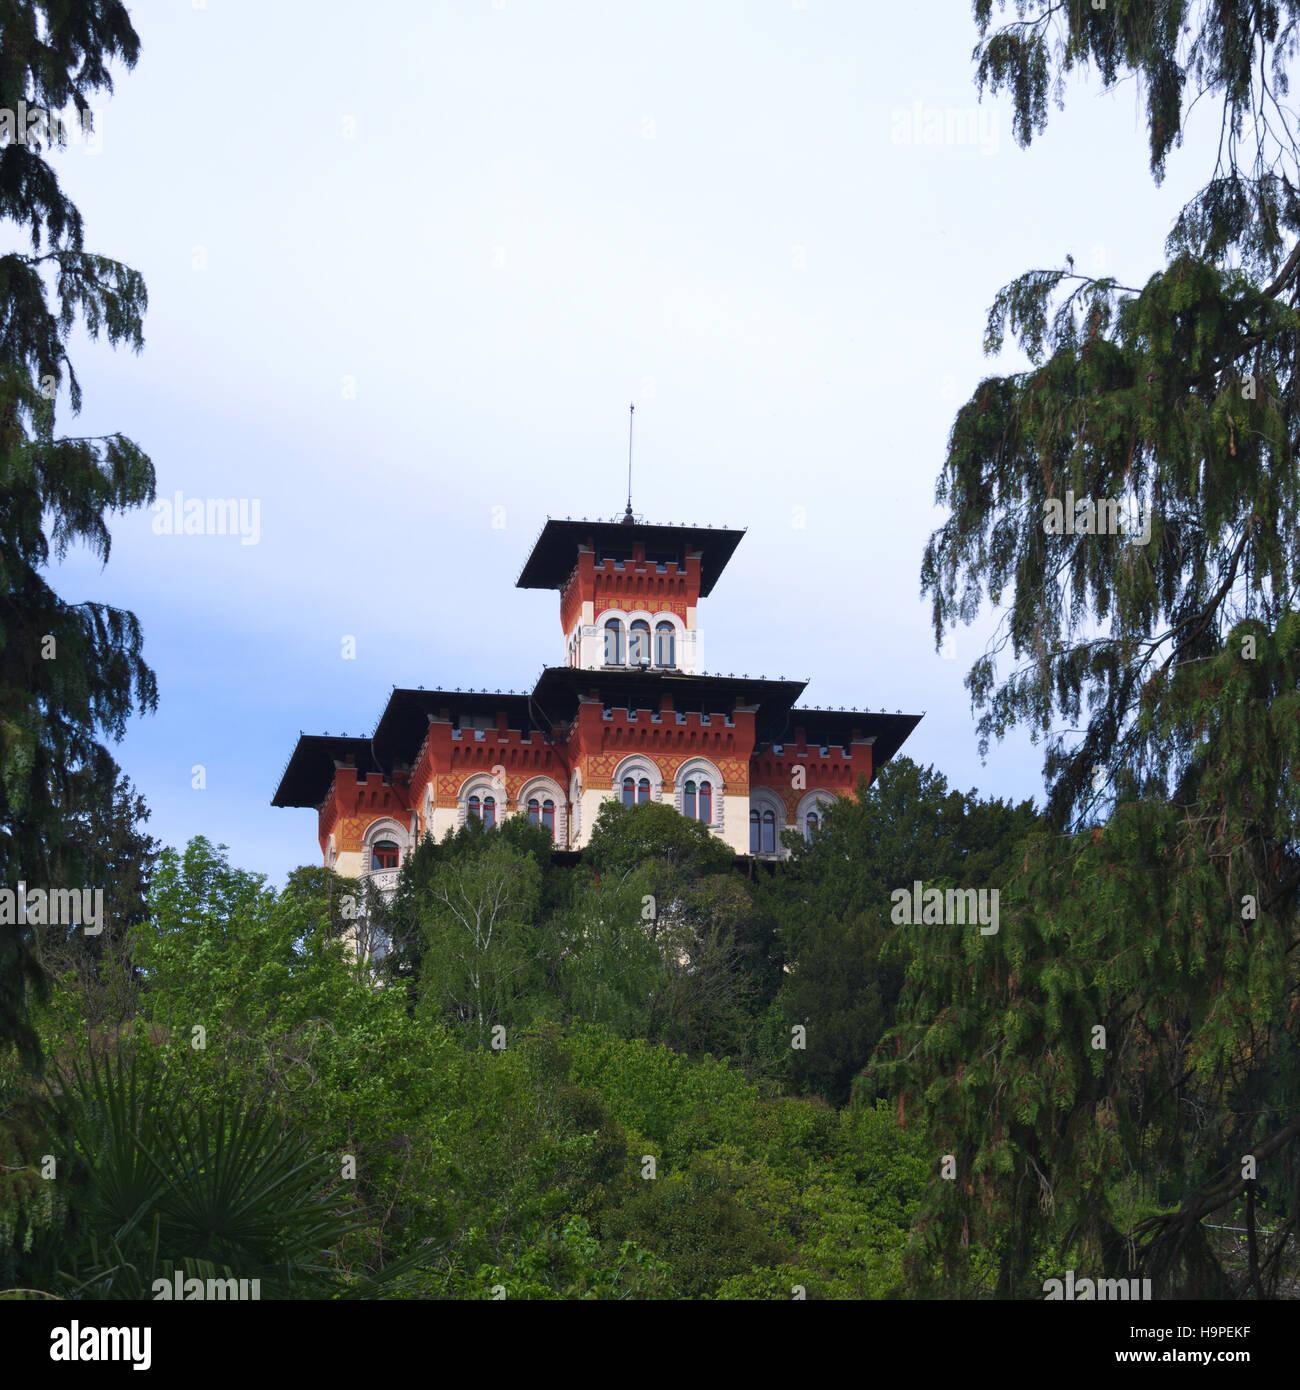 Villa Moretti (stile liberty house) a Tarcento, Friuli, Italia Immagini Stock